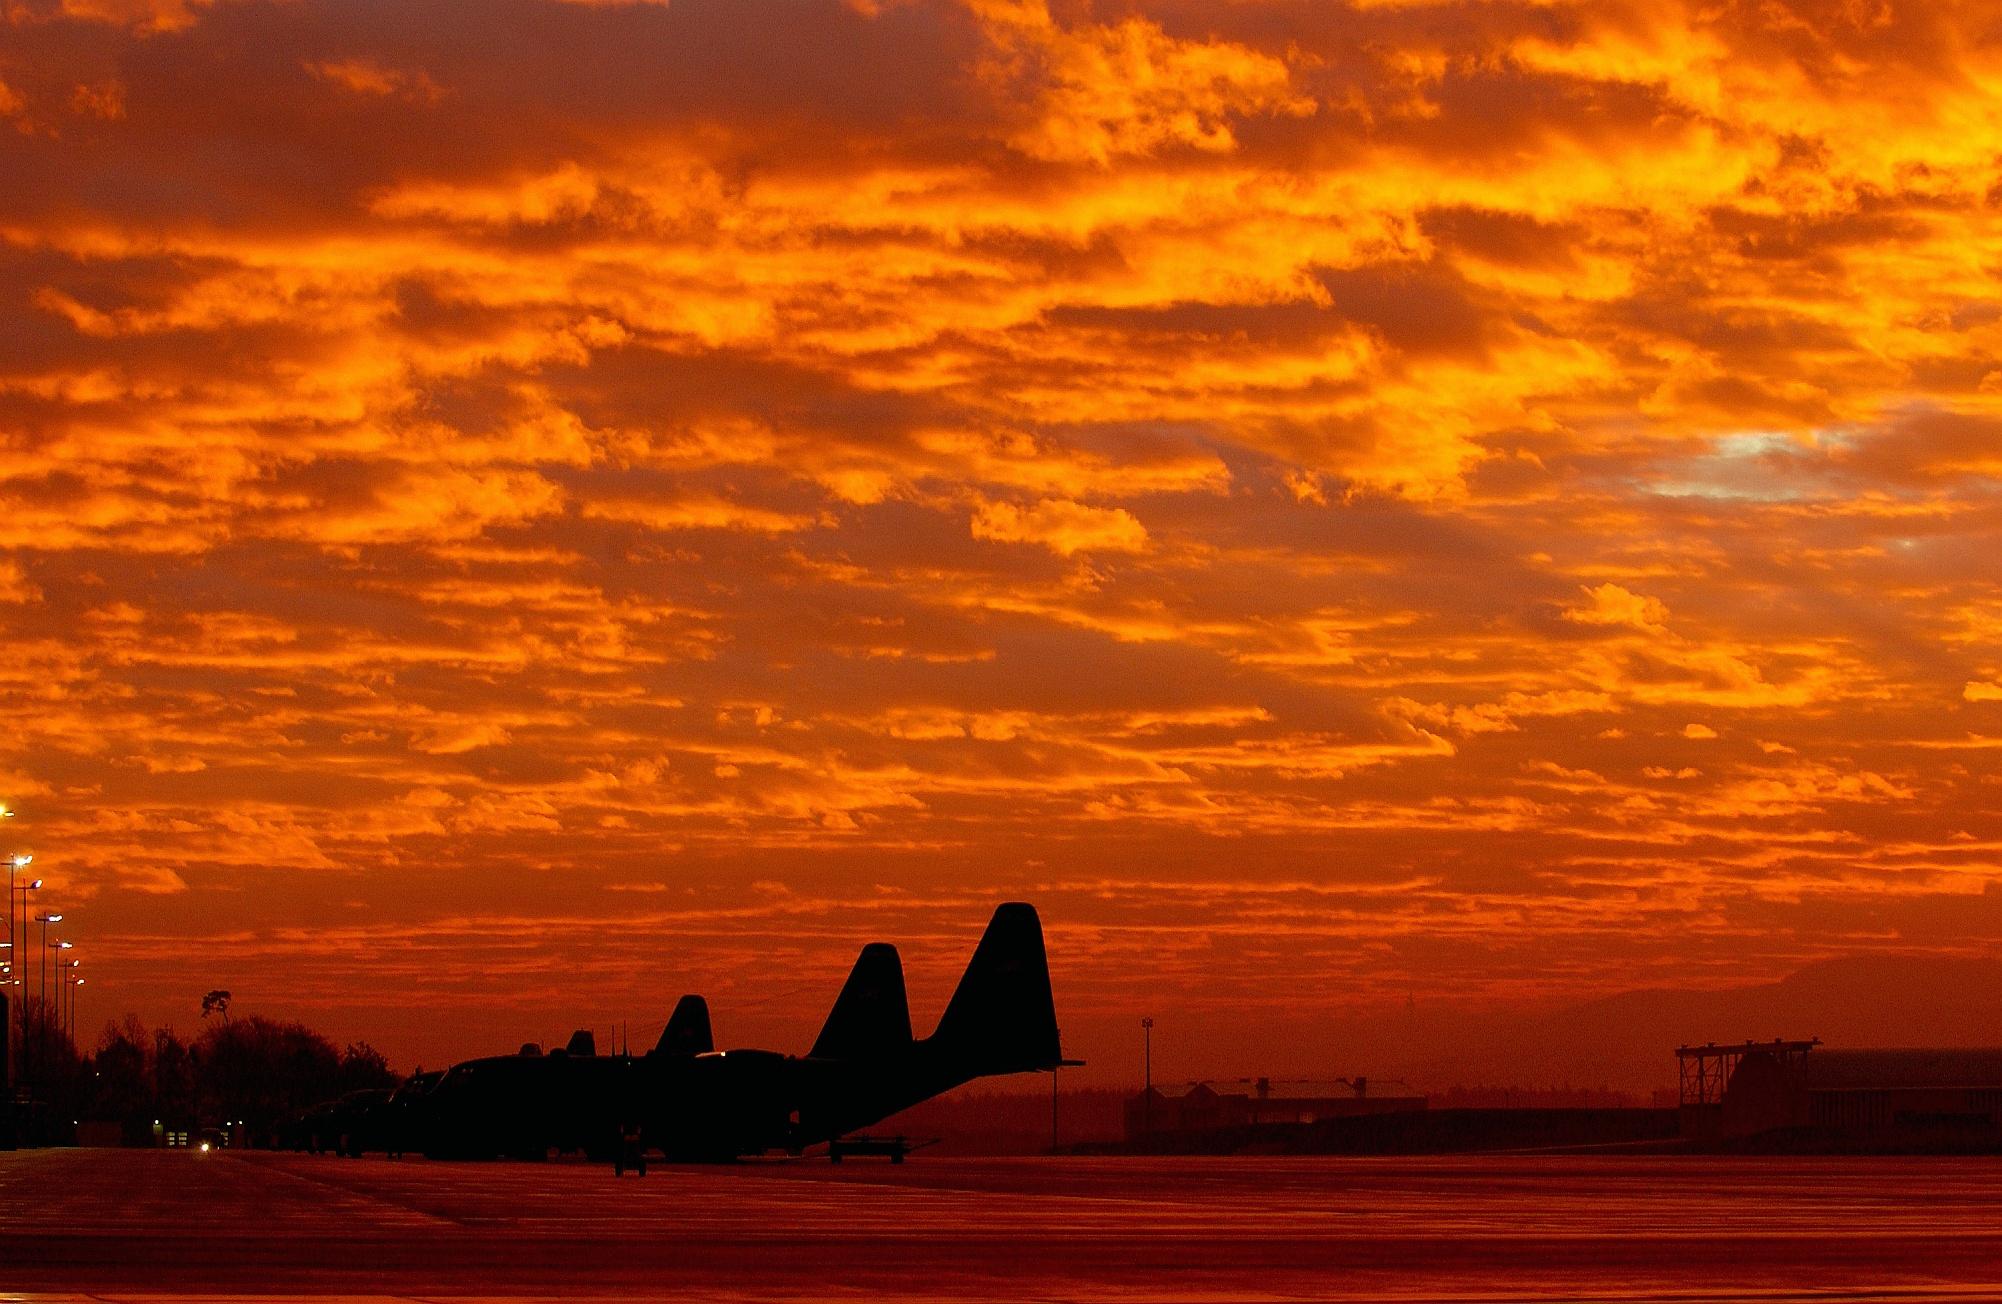 背景 壁纸 风景 天空 桌面 2002_1304